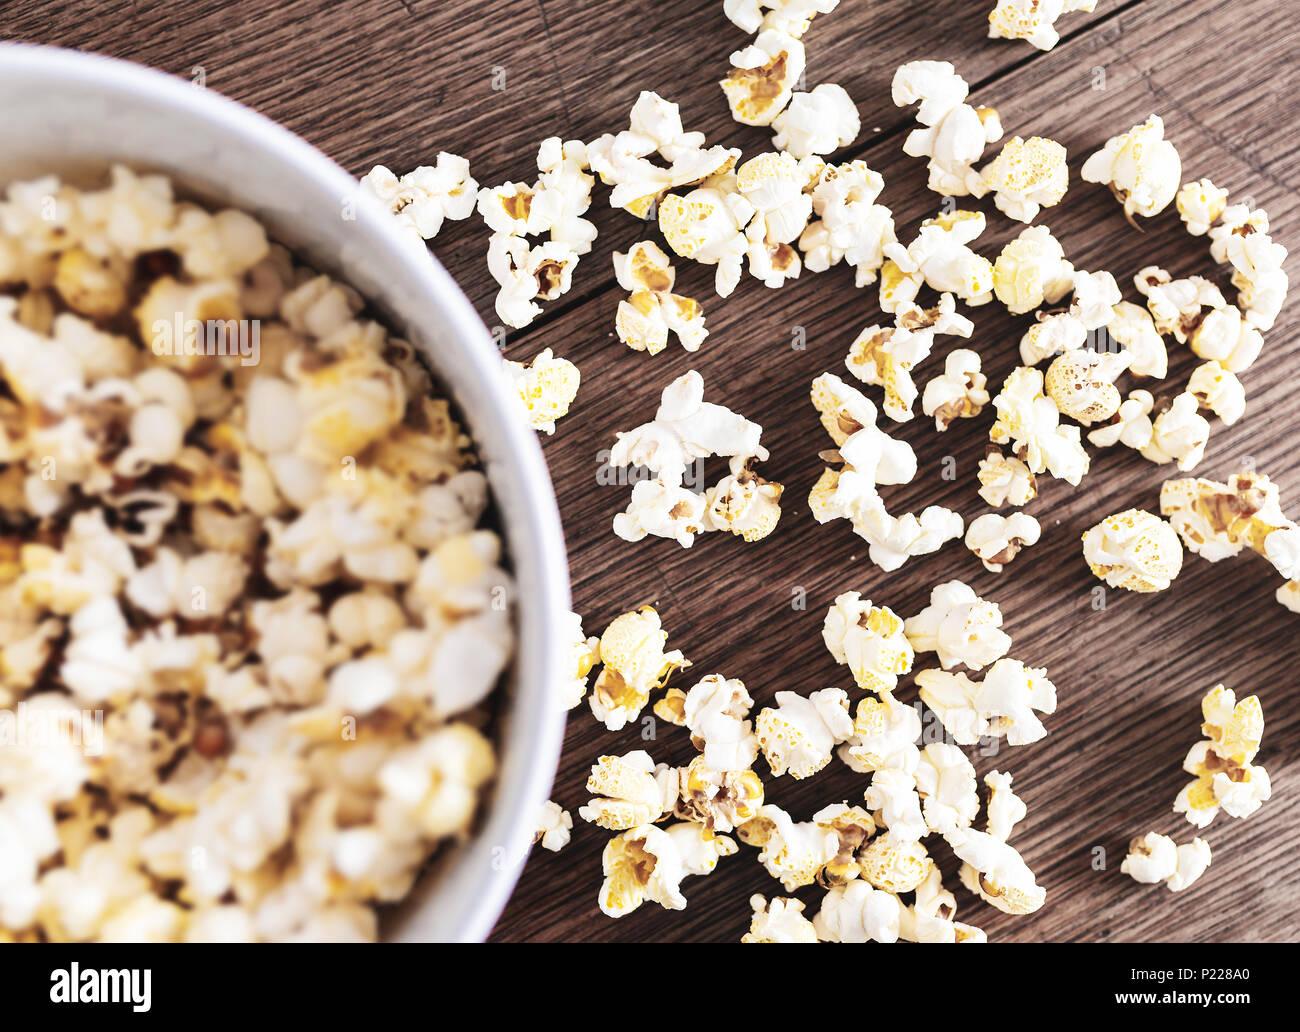 Directamente arriba cerca del cuenco lleno de palomitas de maíz sobre mesa de madera rústica Foto de stock